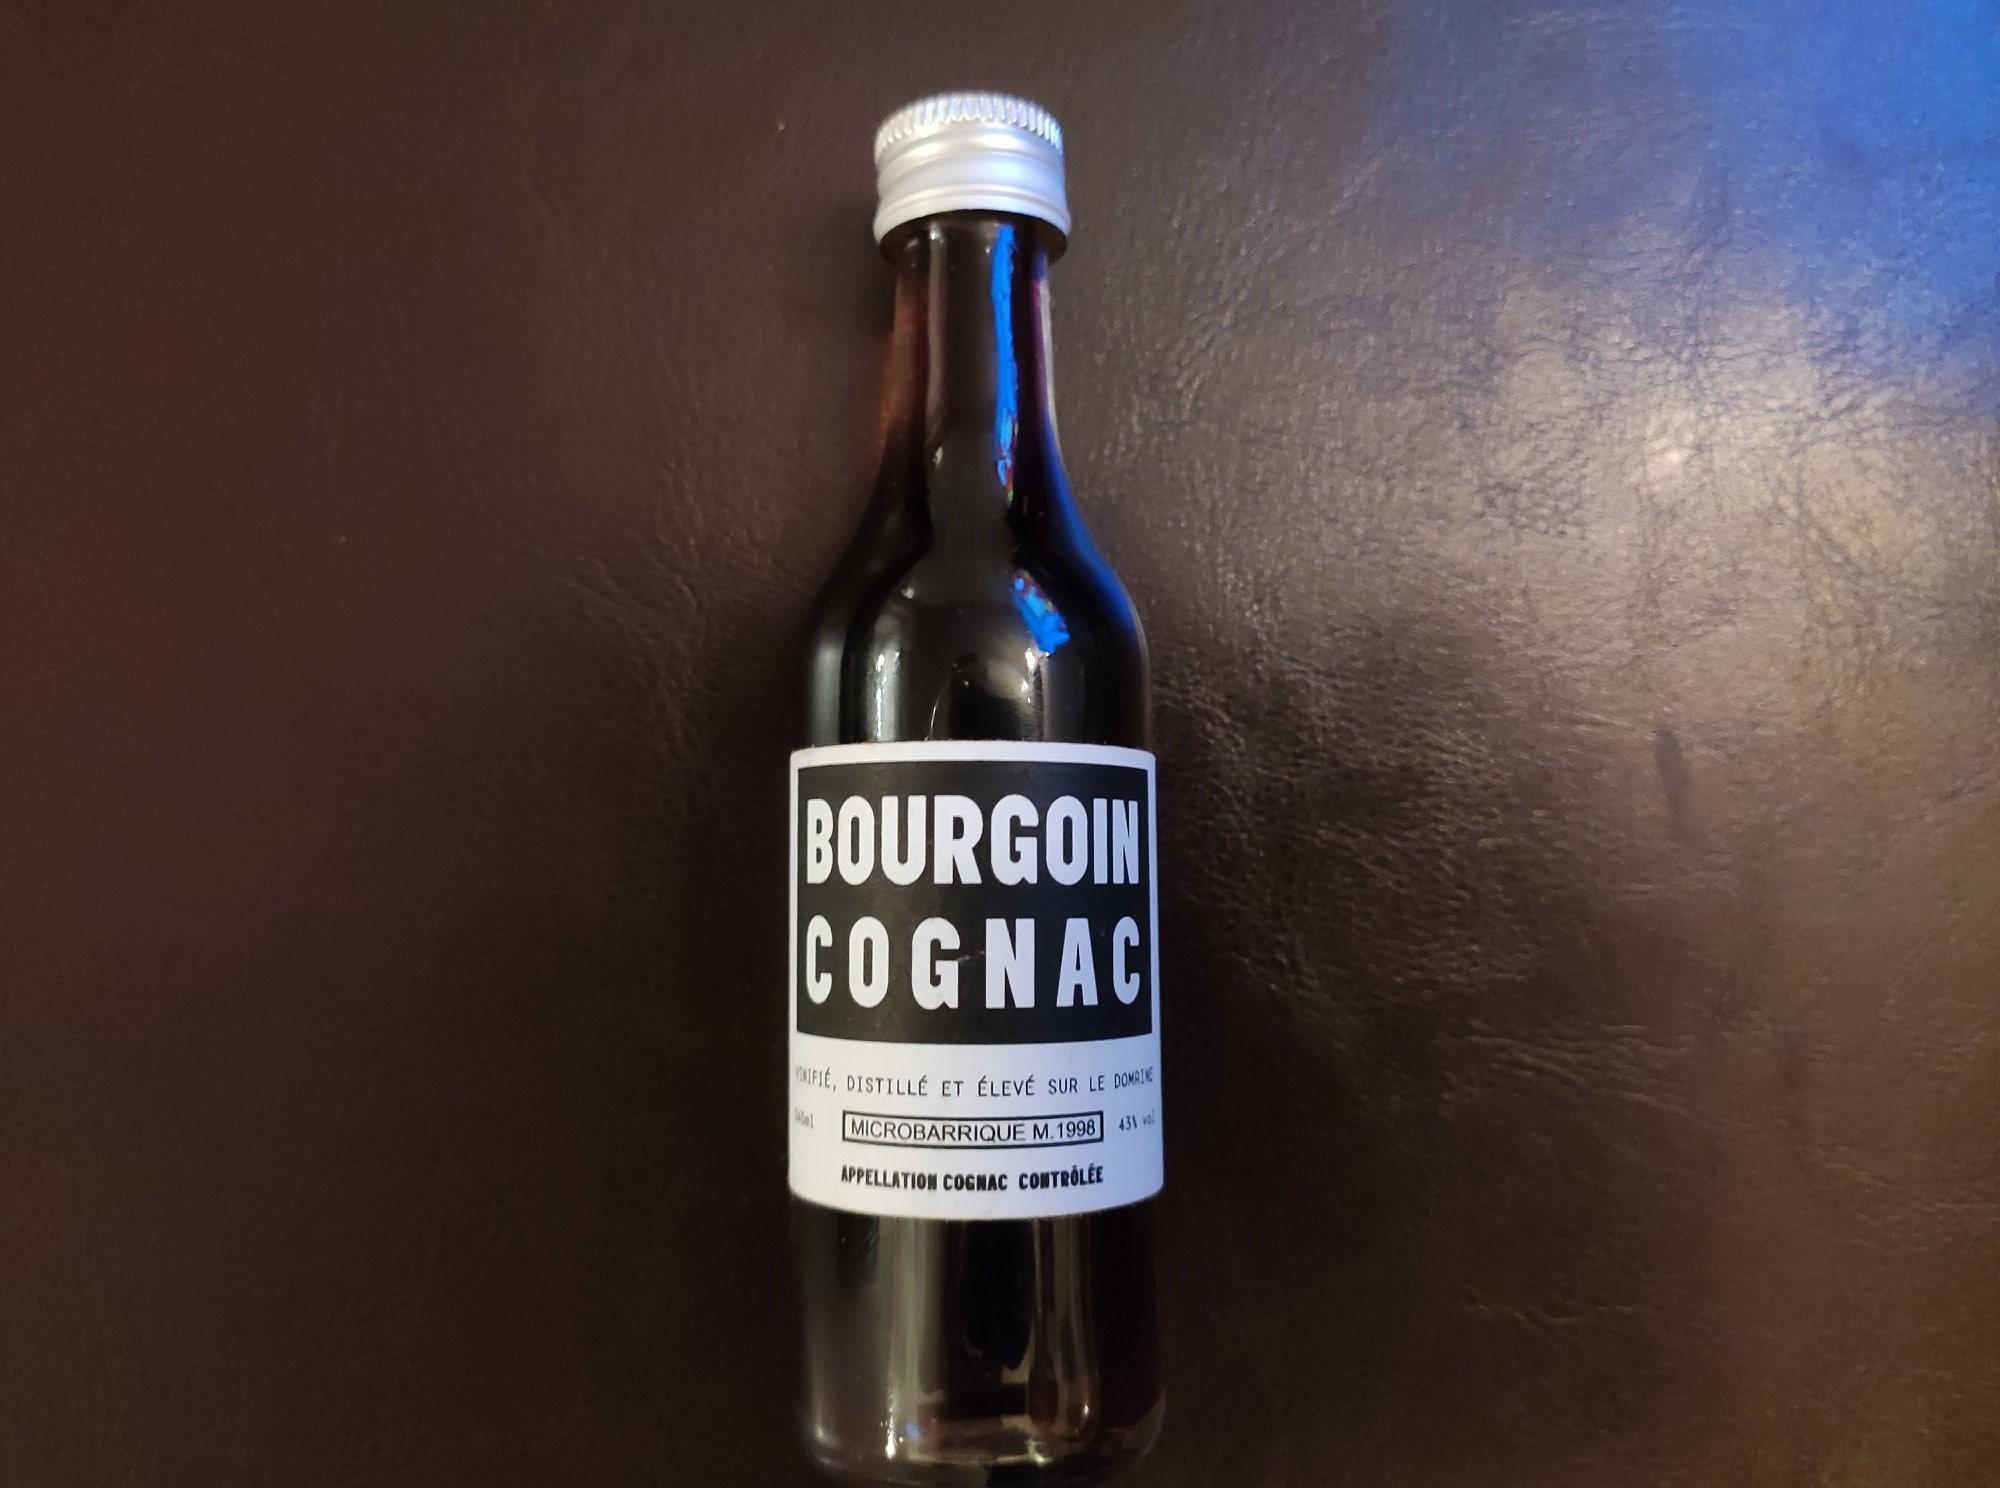 Bourgoin Cognac - Cognac boisé de fût neuf et recherches pour les bartenders